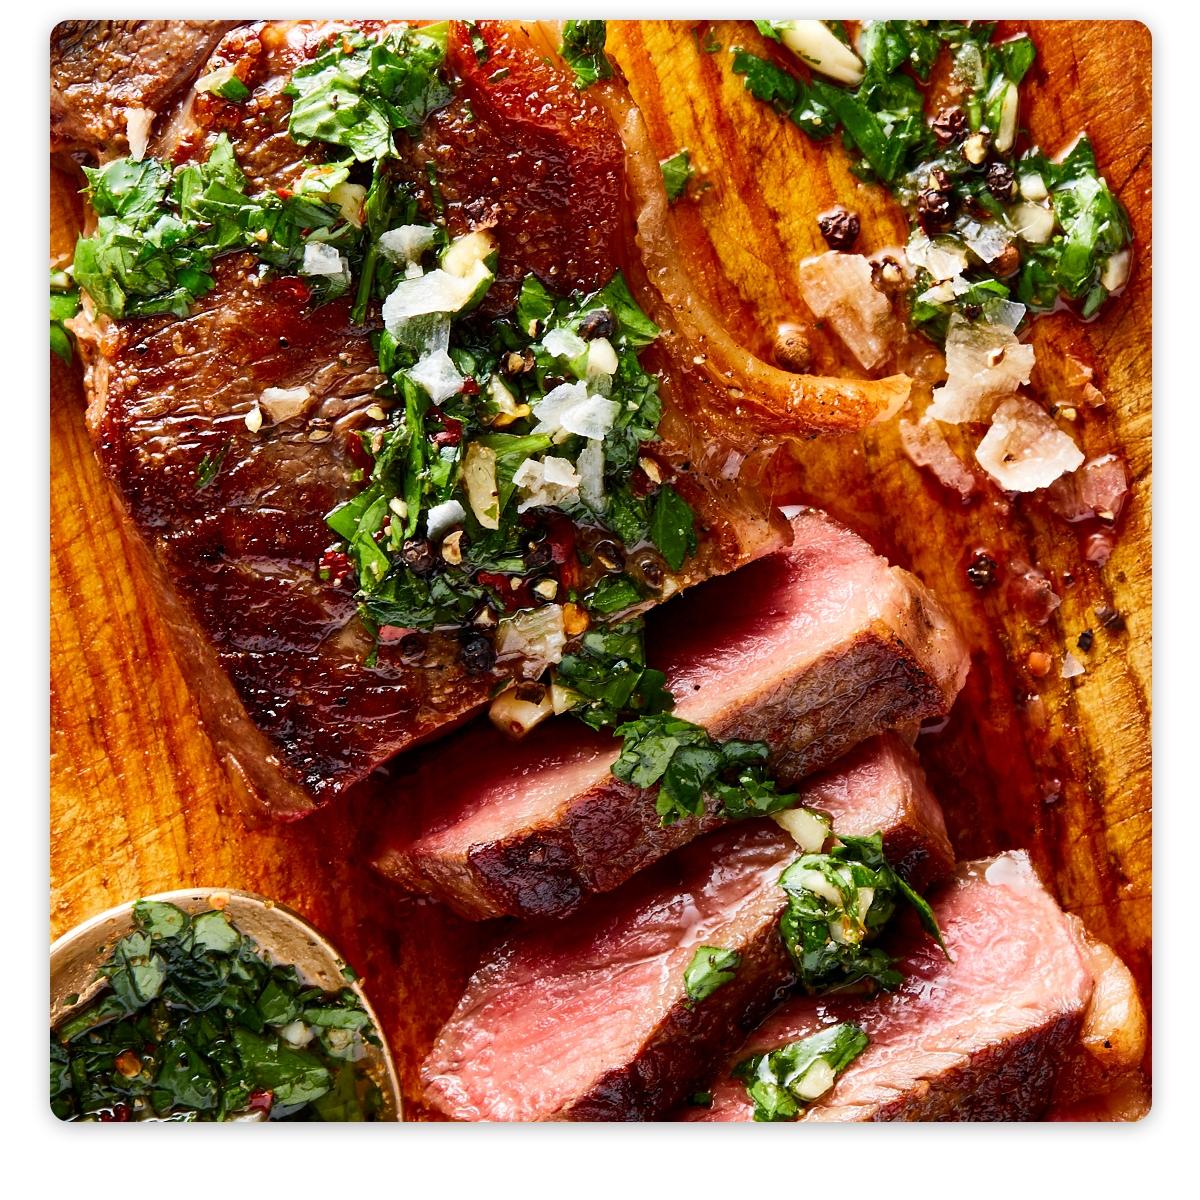 Premium Cuts Beef Box   8.125 lbs, 22 Servings, $5.08/Serving   • Grass-Fed Chuck Roast  (32-oz)  • Grass-Fed Center Cut Tenderloin Steaks  2 (7-oz) steaks  • Grass-Fed New York Strip Loin Steaks  2 (10-oz) steaks  • Grass-Fed Diced Beef for Stewing  (16-oz)  • Grass-Fed Ribeye Steaks  2 (8-oz) steaks  • Grass-Fed Ground Beef 85/15  (2 lb)